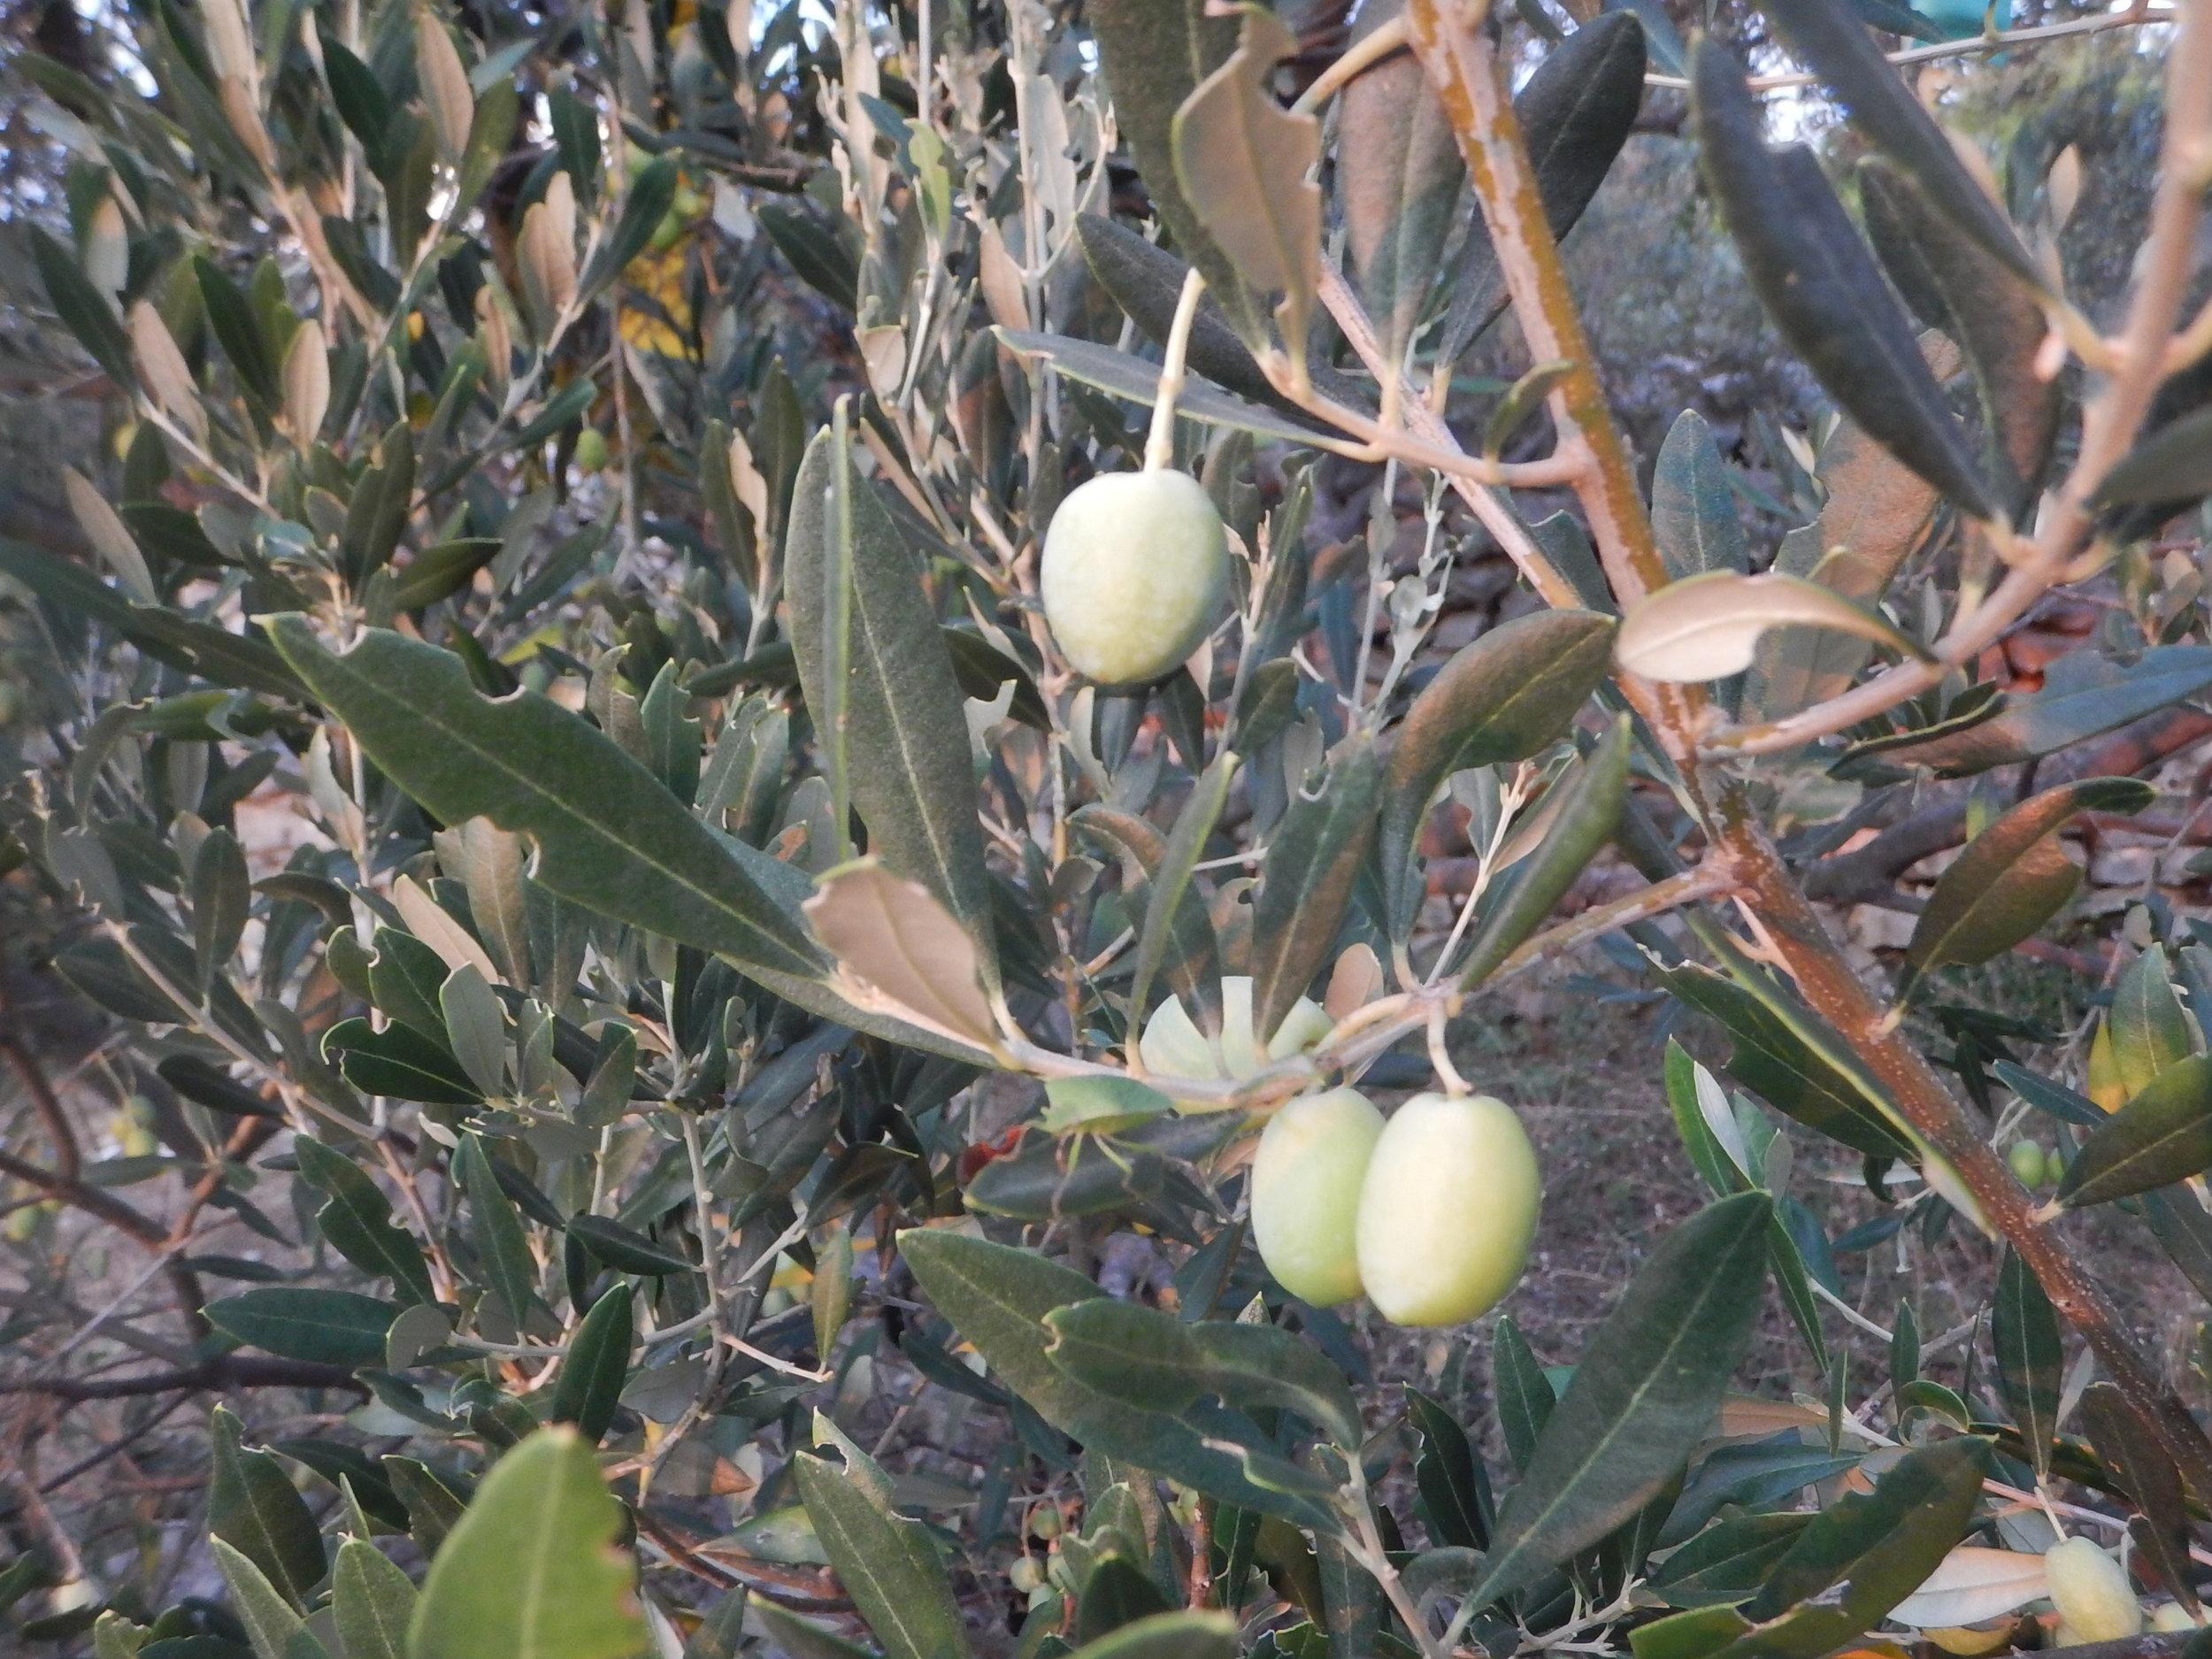 The ubiquitous olive